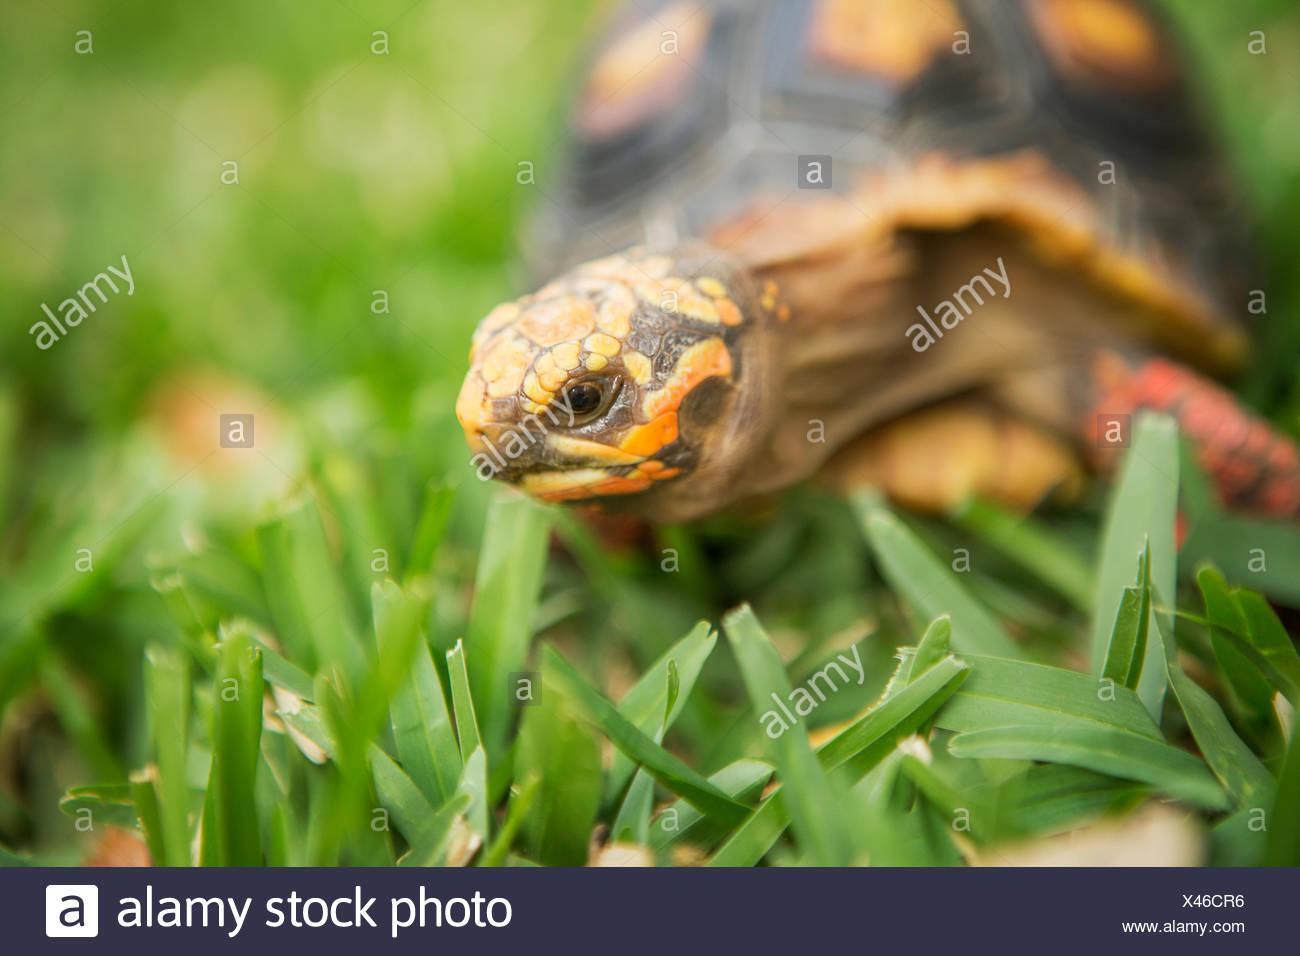 Eine kleine Schildkröte oder Schildkröte über den Rasen bewegen. Stockbild